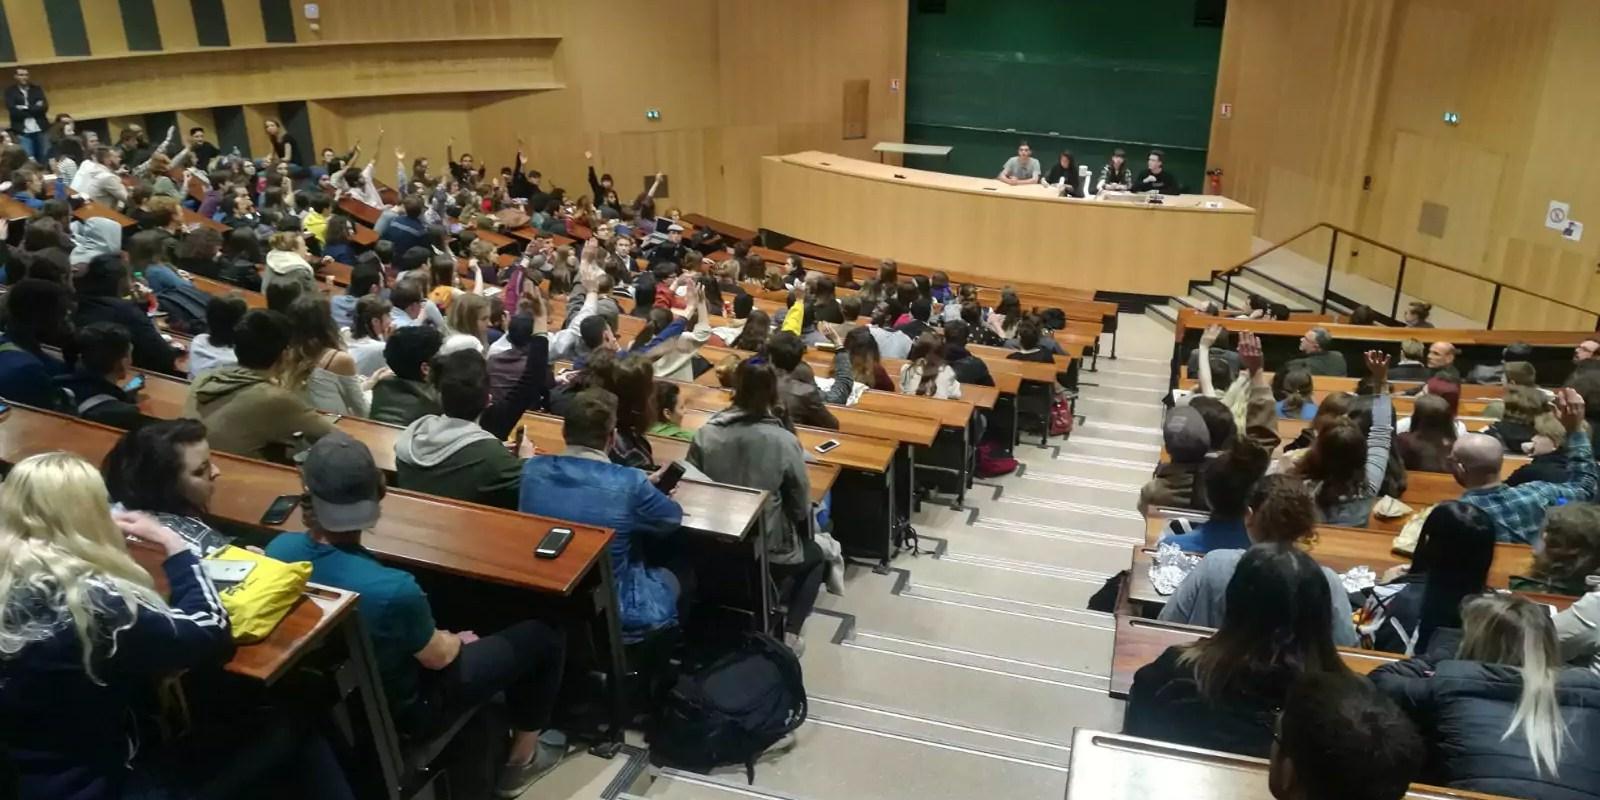 Une nouvelle AG d'étudiants vote un blocage et l'exclusion de l'Uni